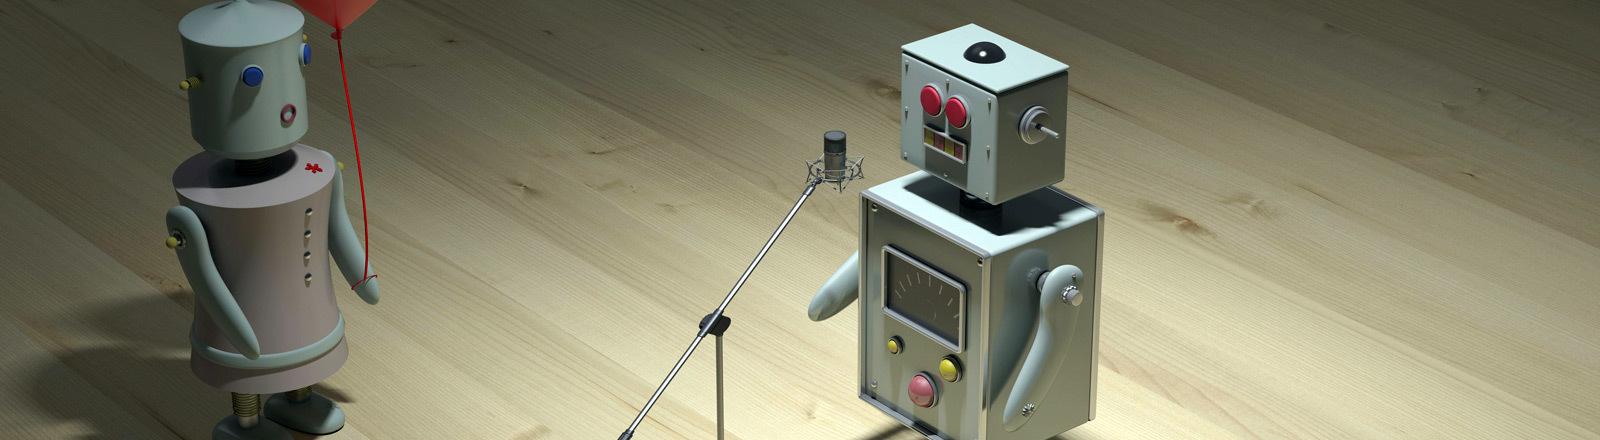 Ein Roboter steht an einem Mikrofon, ein anderer hört ihm zu.